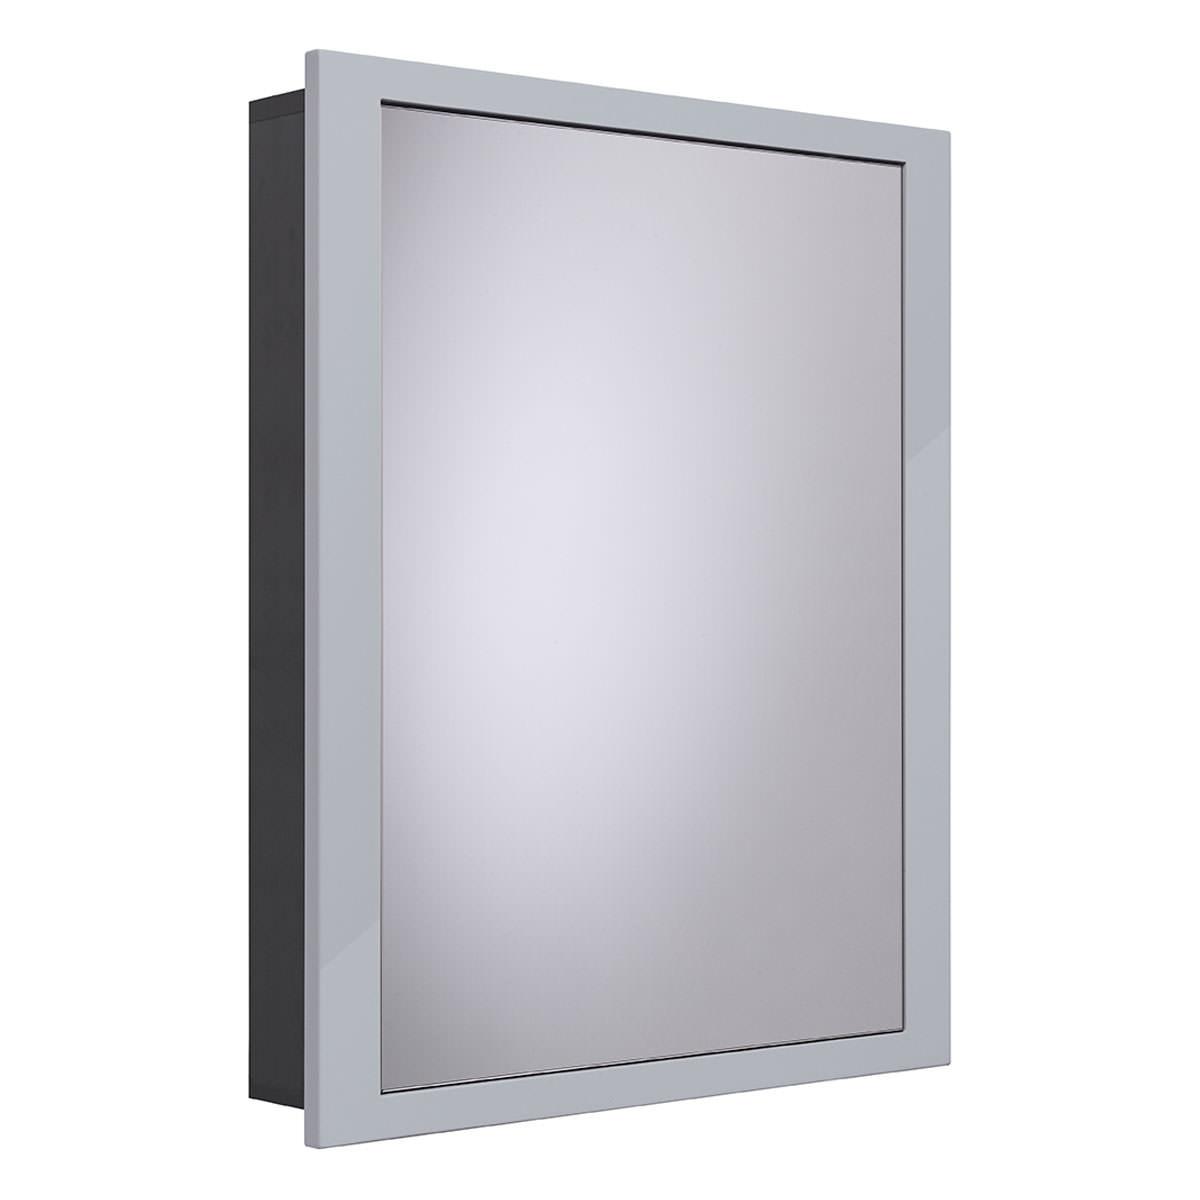 Roper Rhodes Scheme 640 X 830mm Recessed Mirror Cabinet